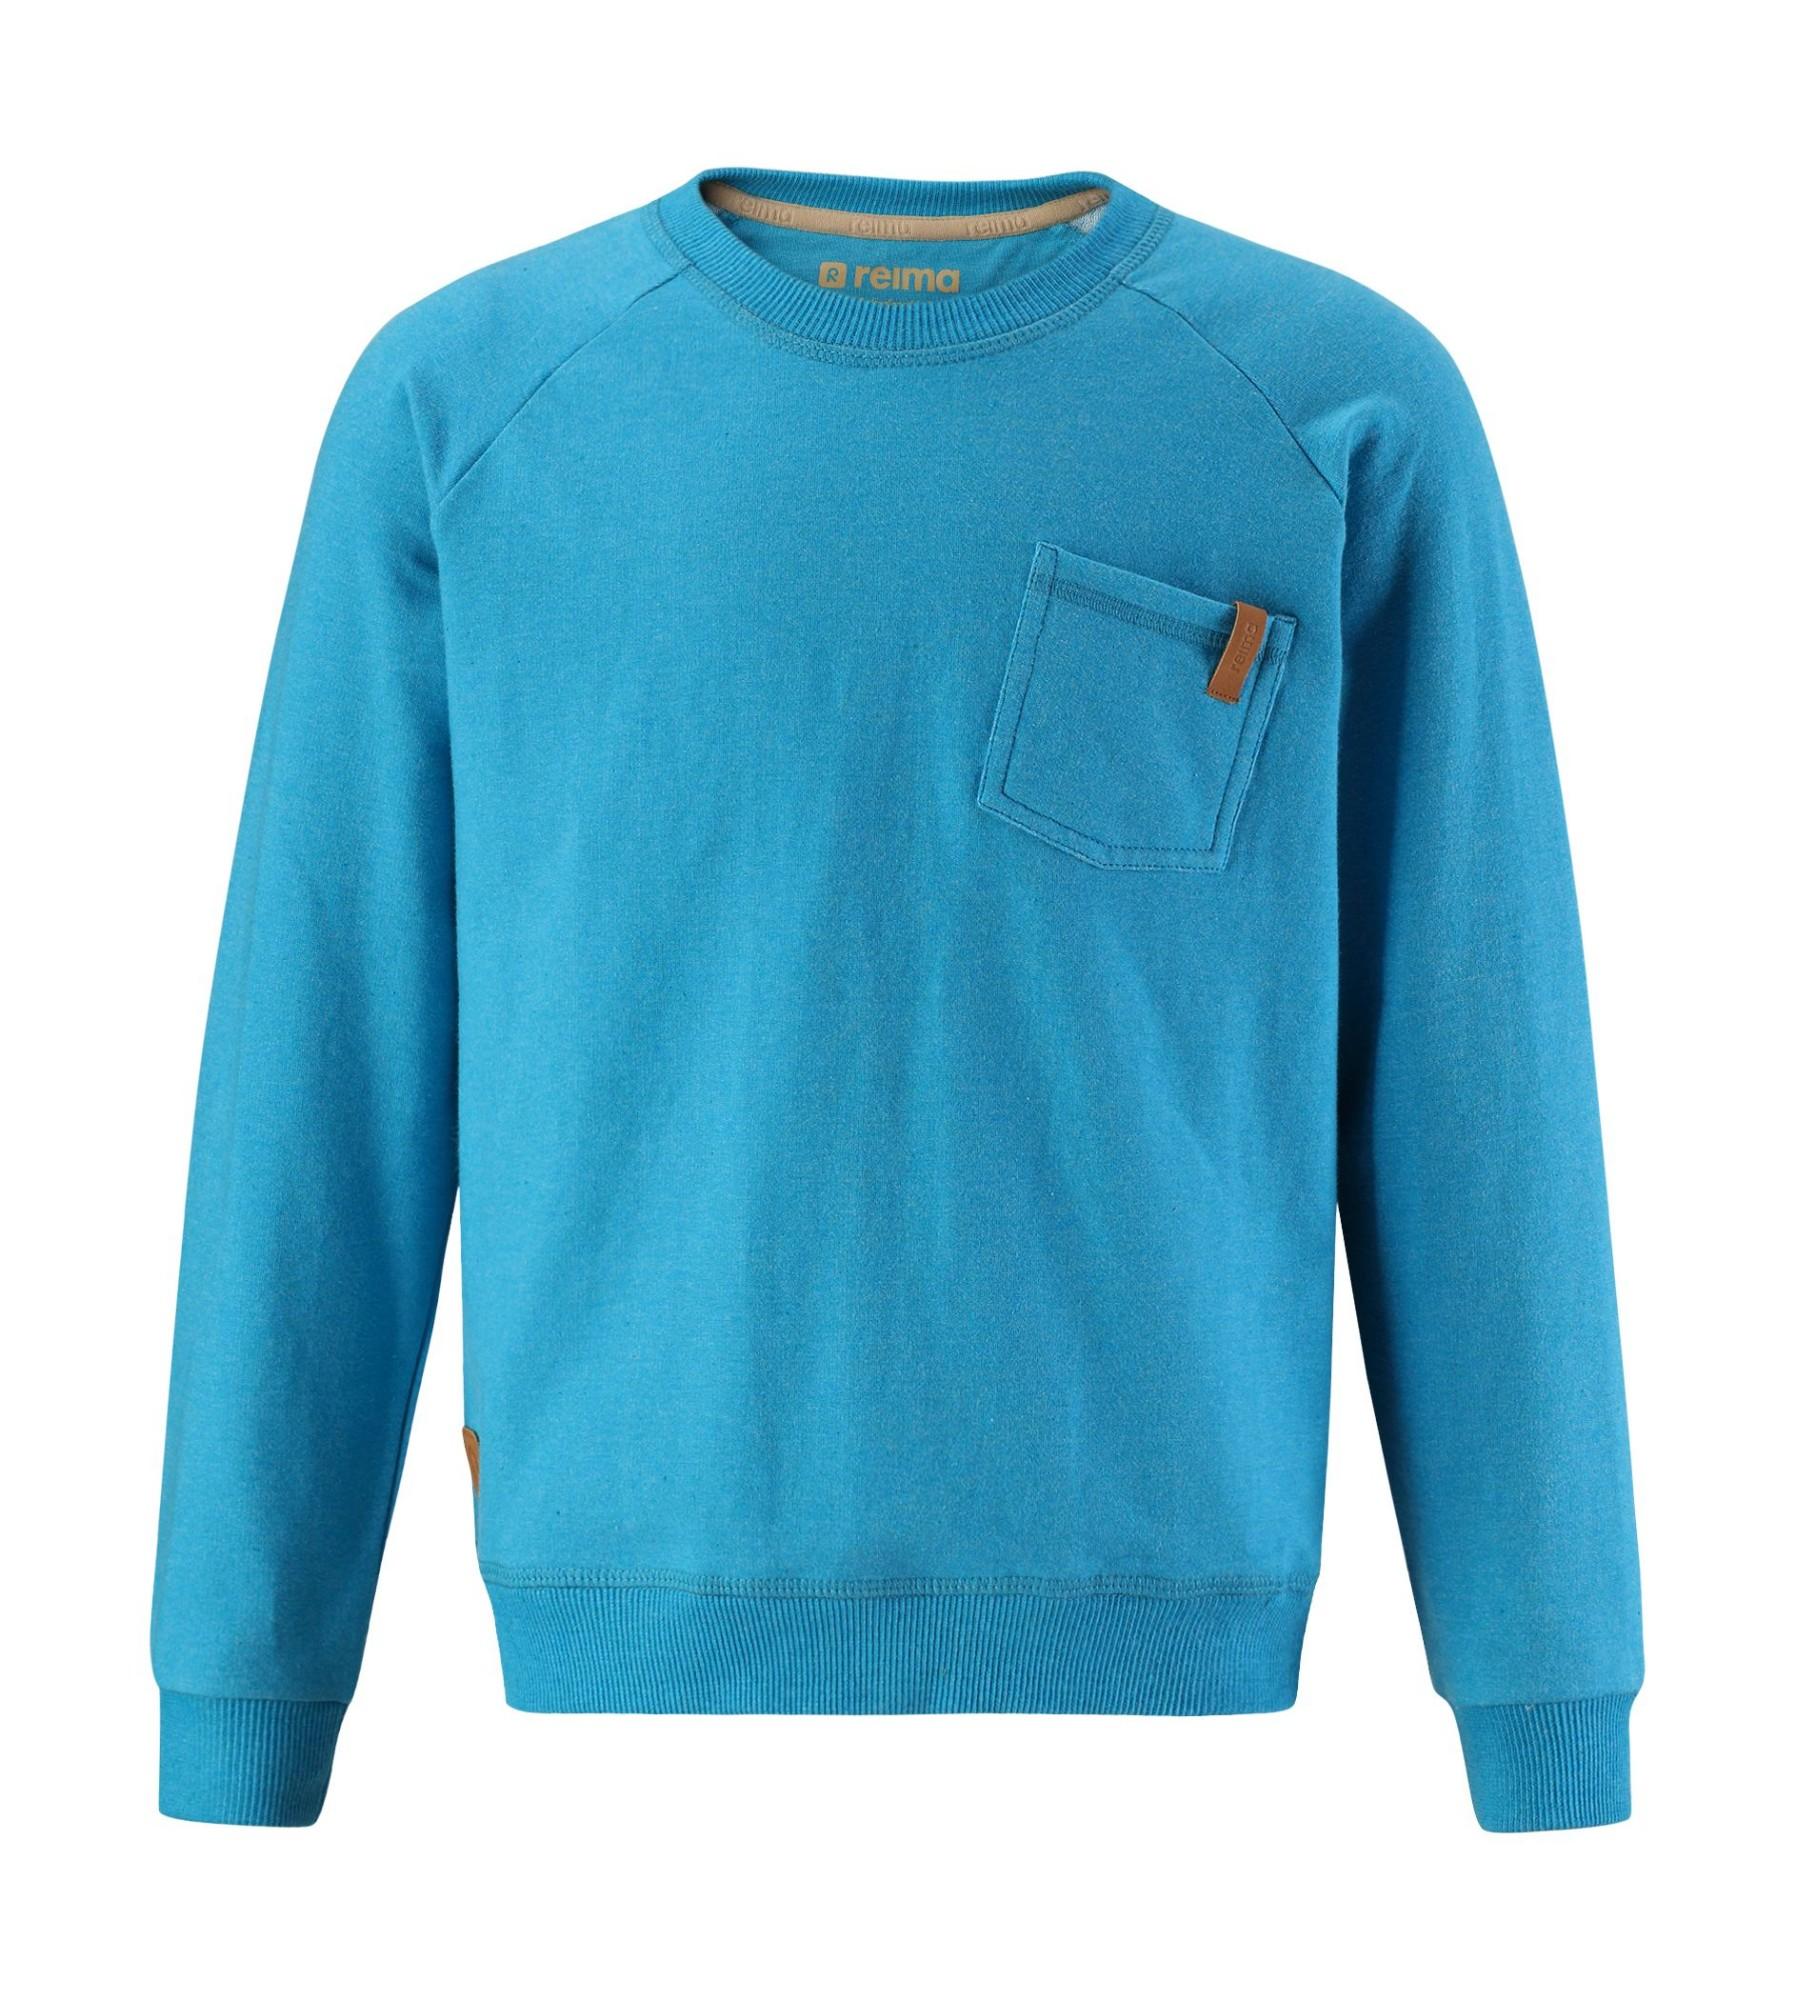 REIMA Vaasa Turquoise 128